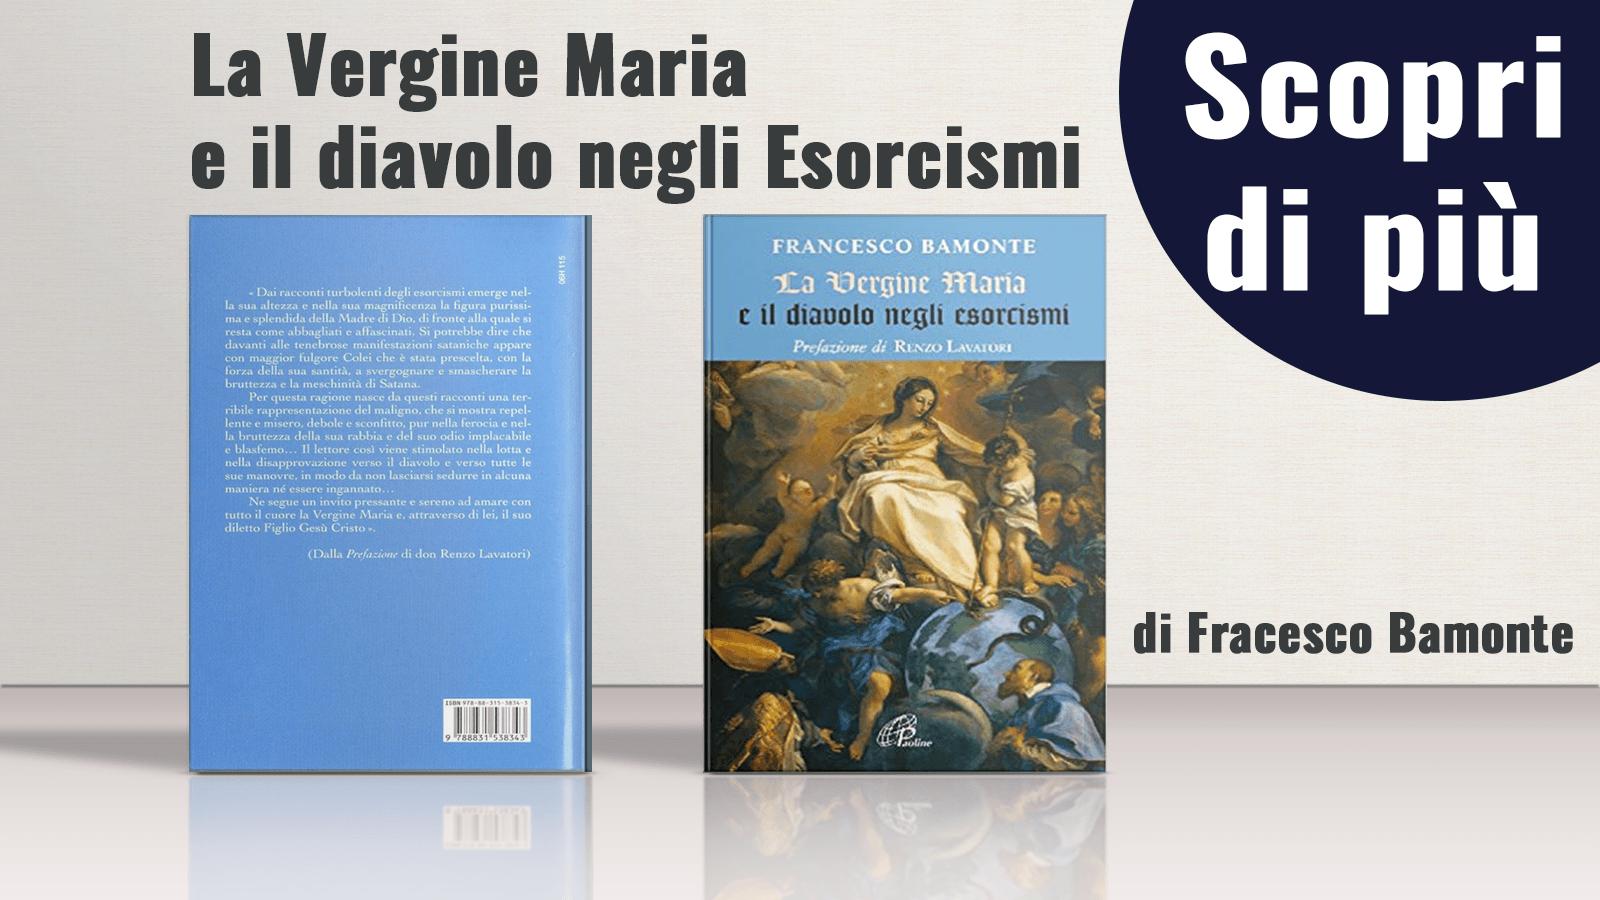 LA VERGINE MARIA E IL DIAVOLO NEGLI ESORCISMI DI FRANCESCO BAMONTE